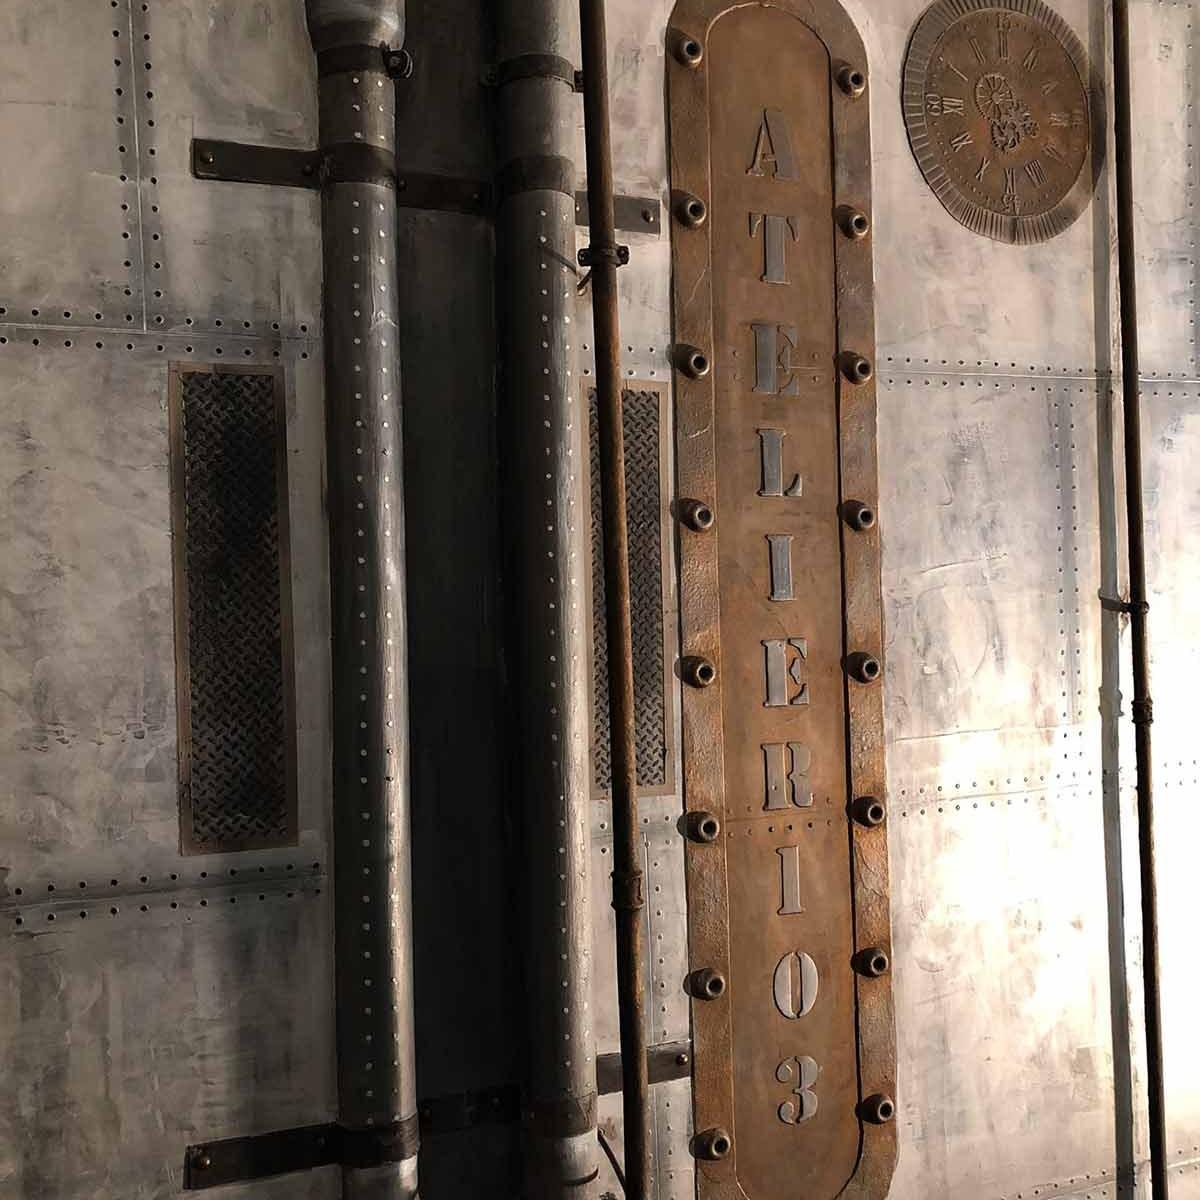 décorateur d'intérieur murs industriel enseigne publicitaire composée en béton et métallisée sur BA13